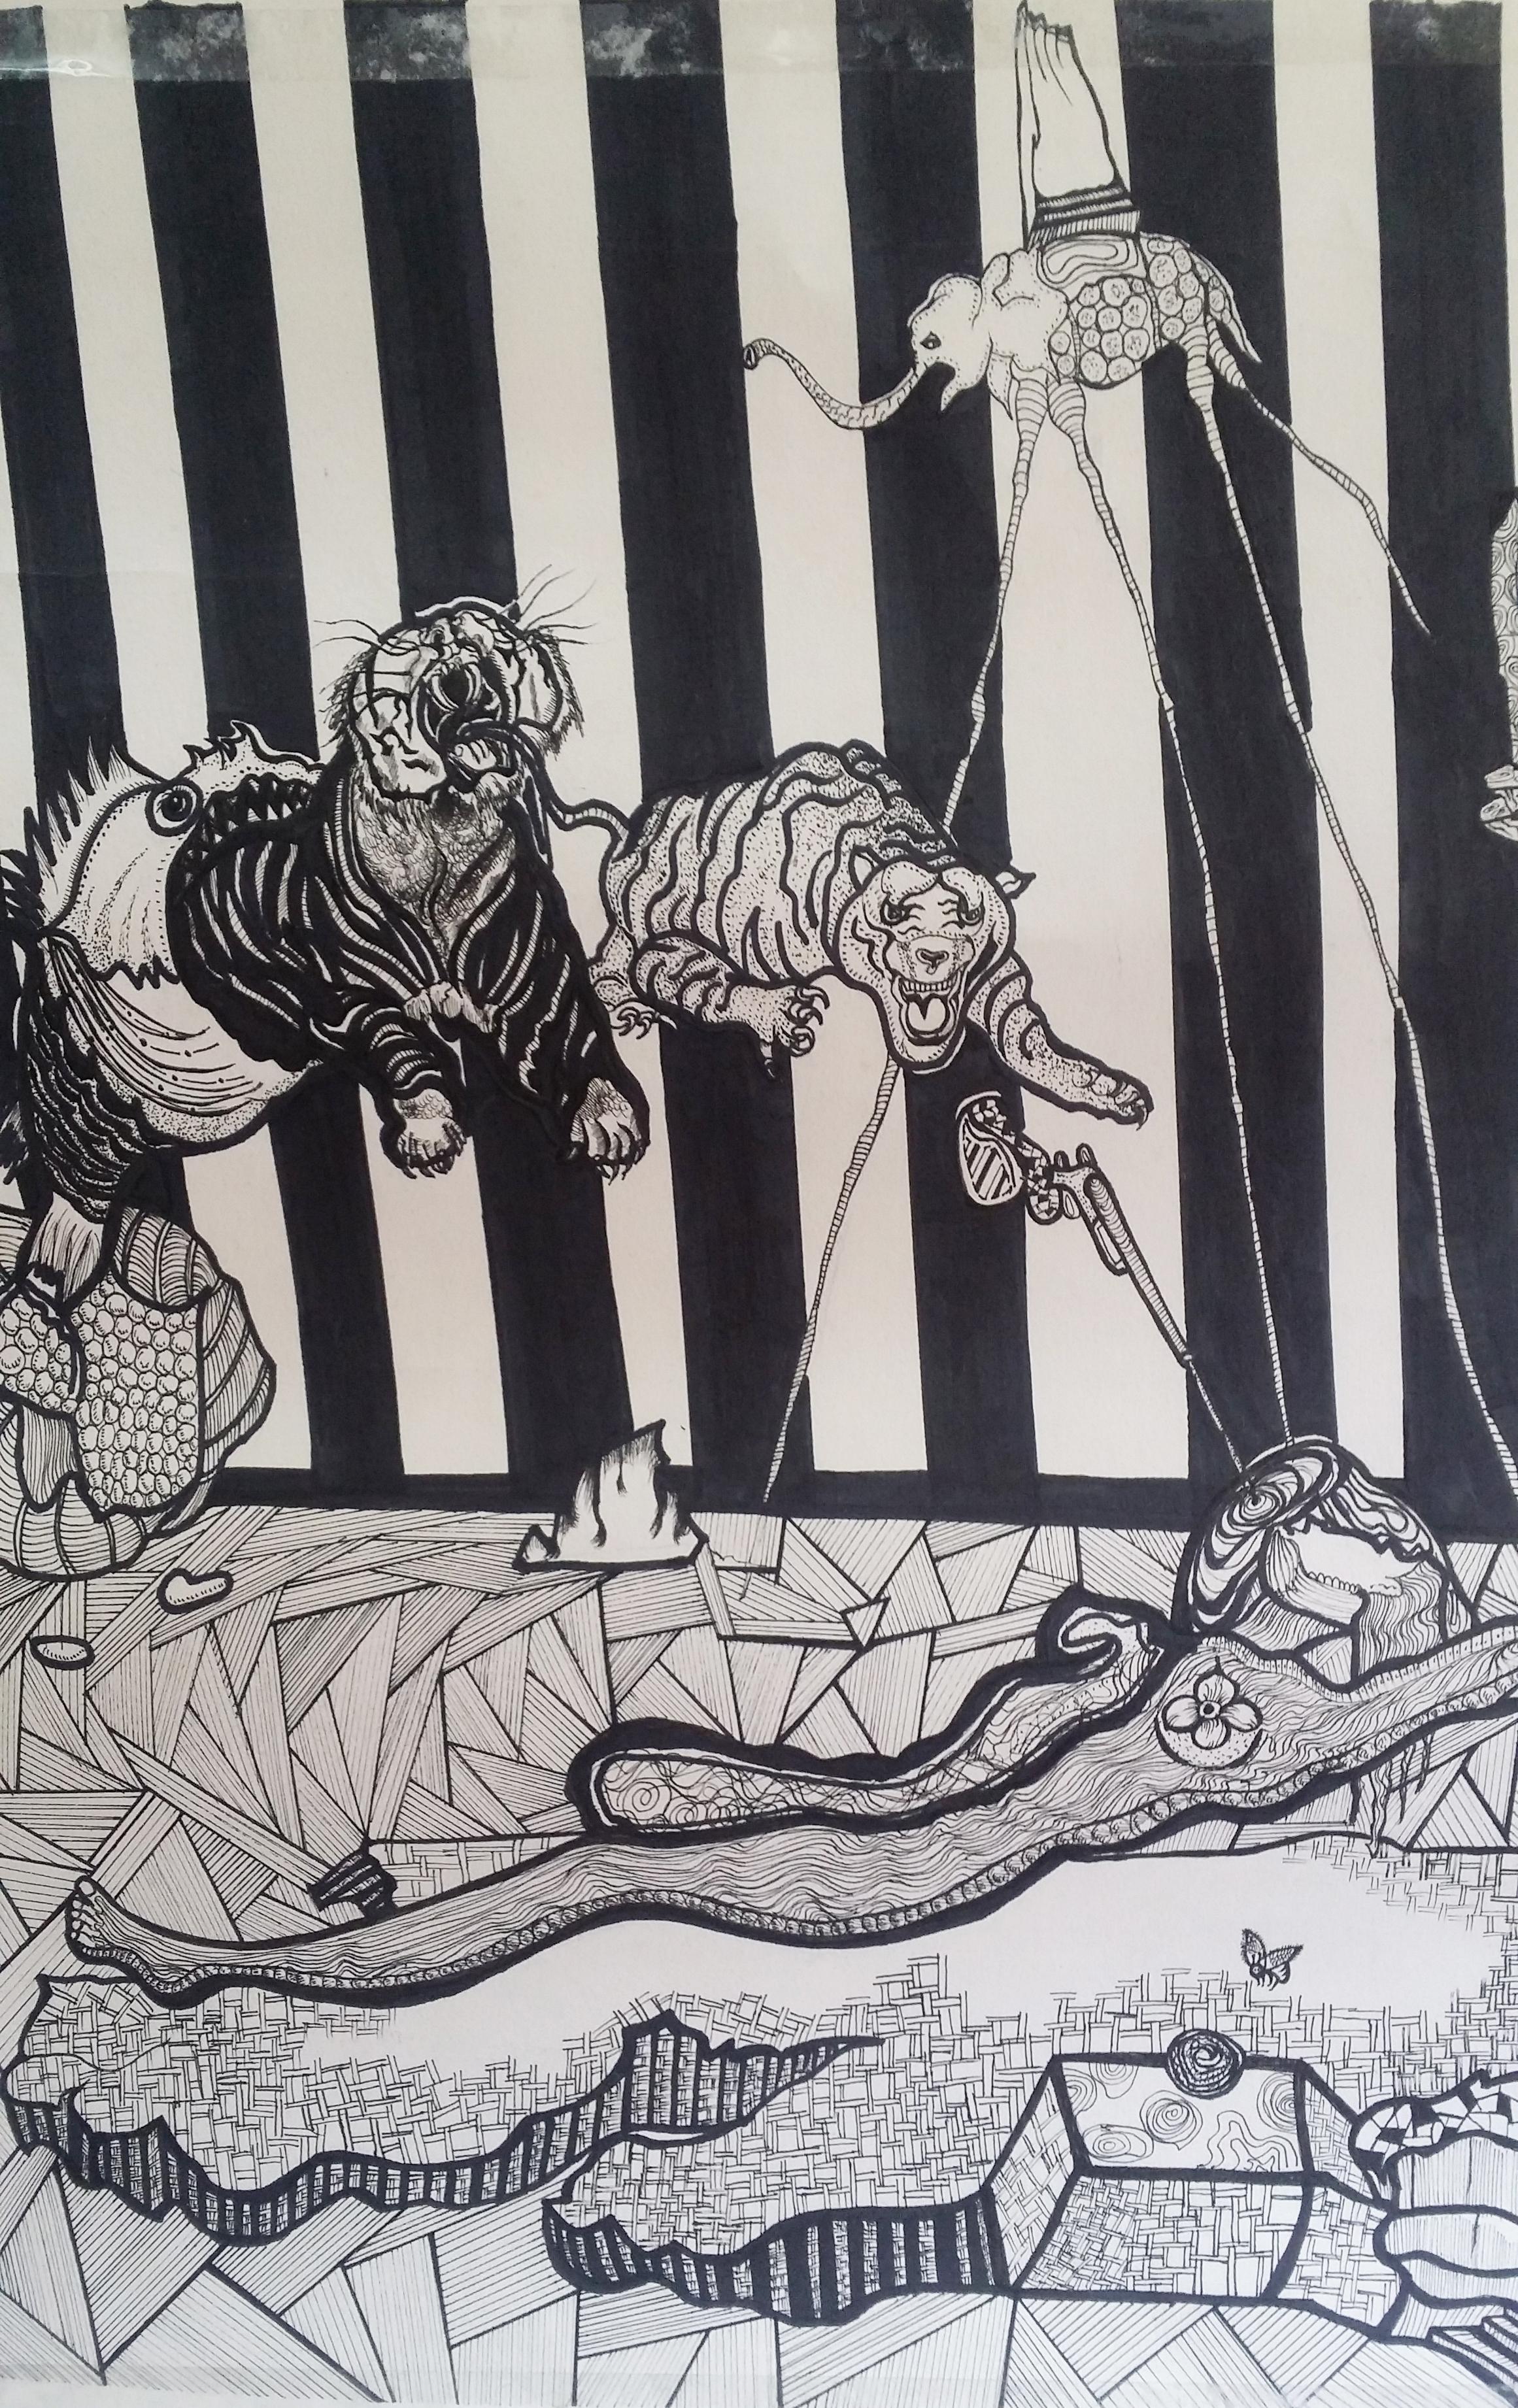 达利超现实主义黑白插画